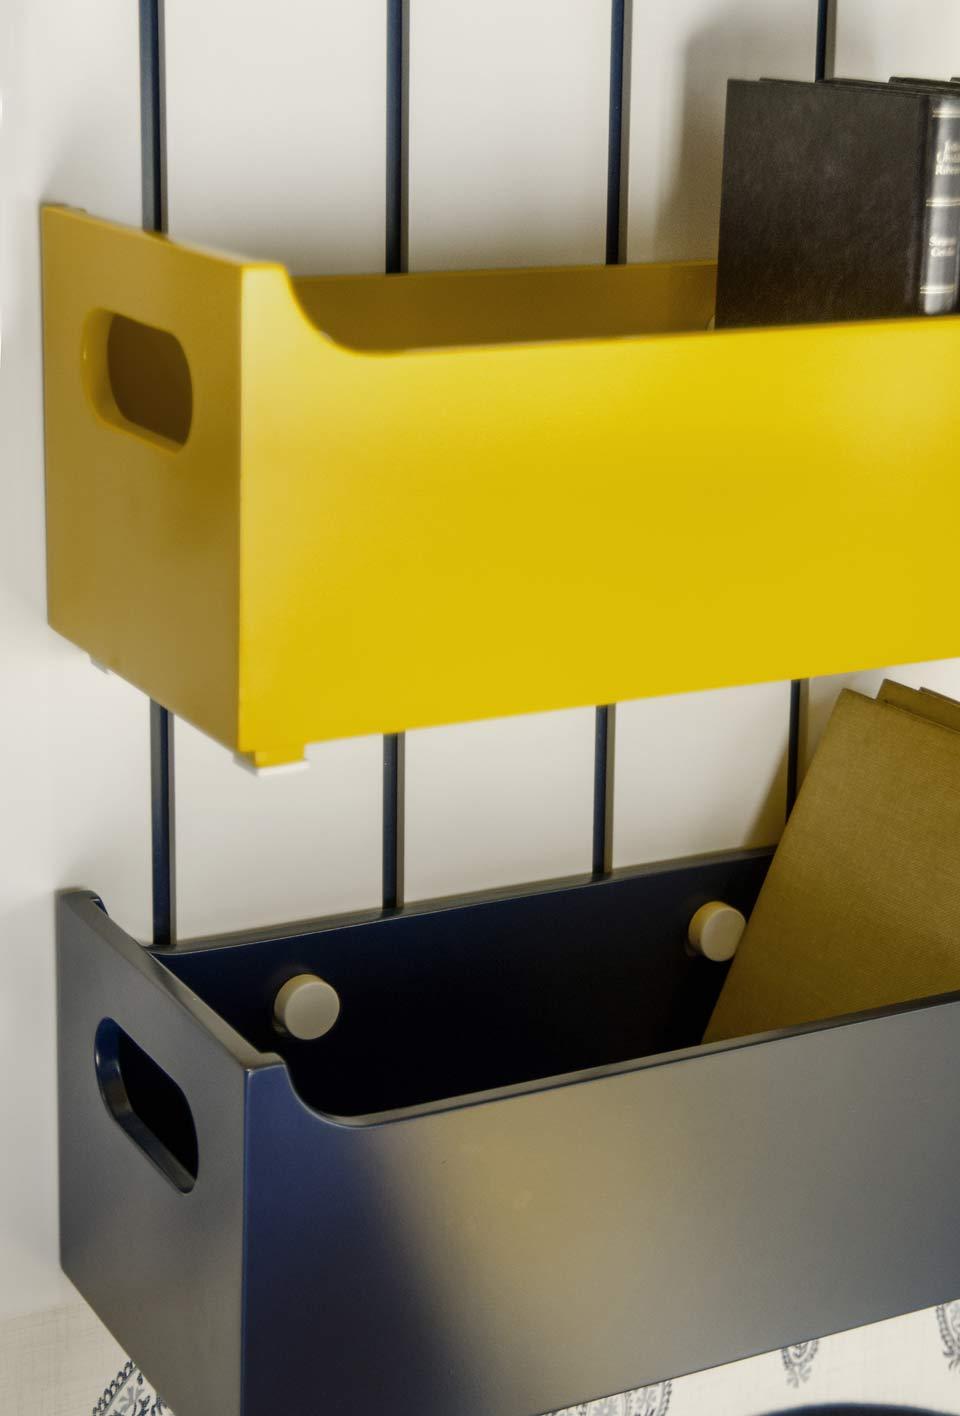 Linha Trio design Prado Zogbi Tobar